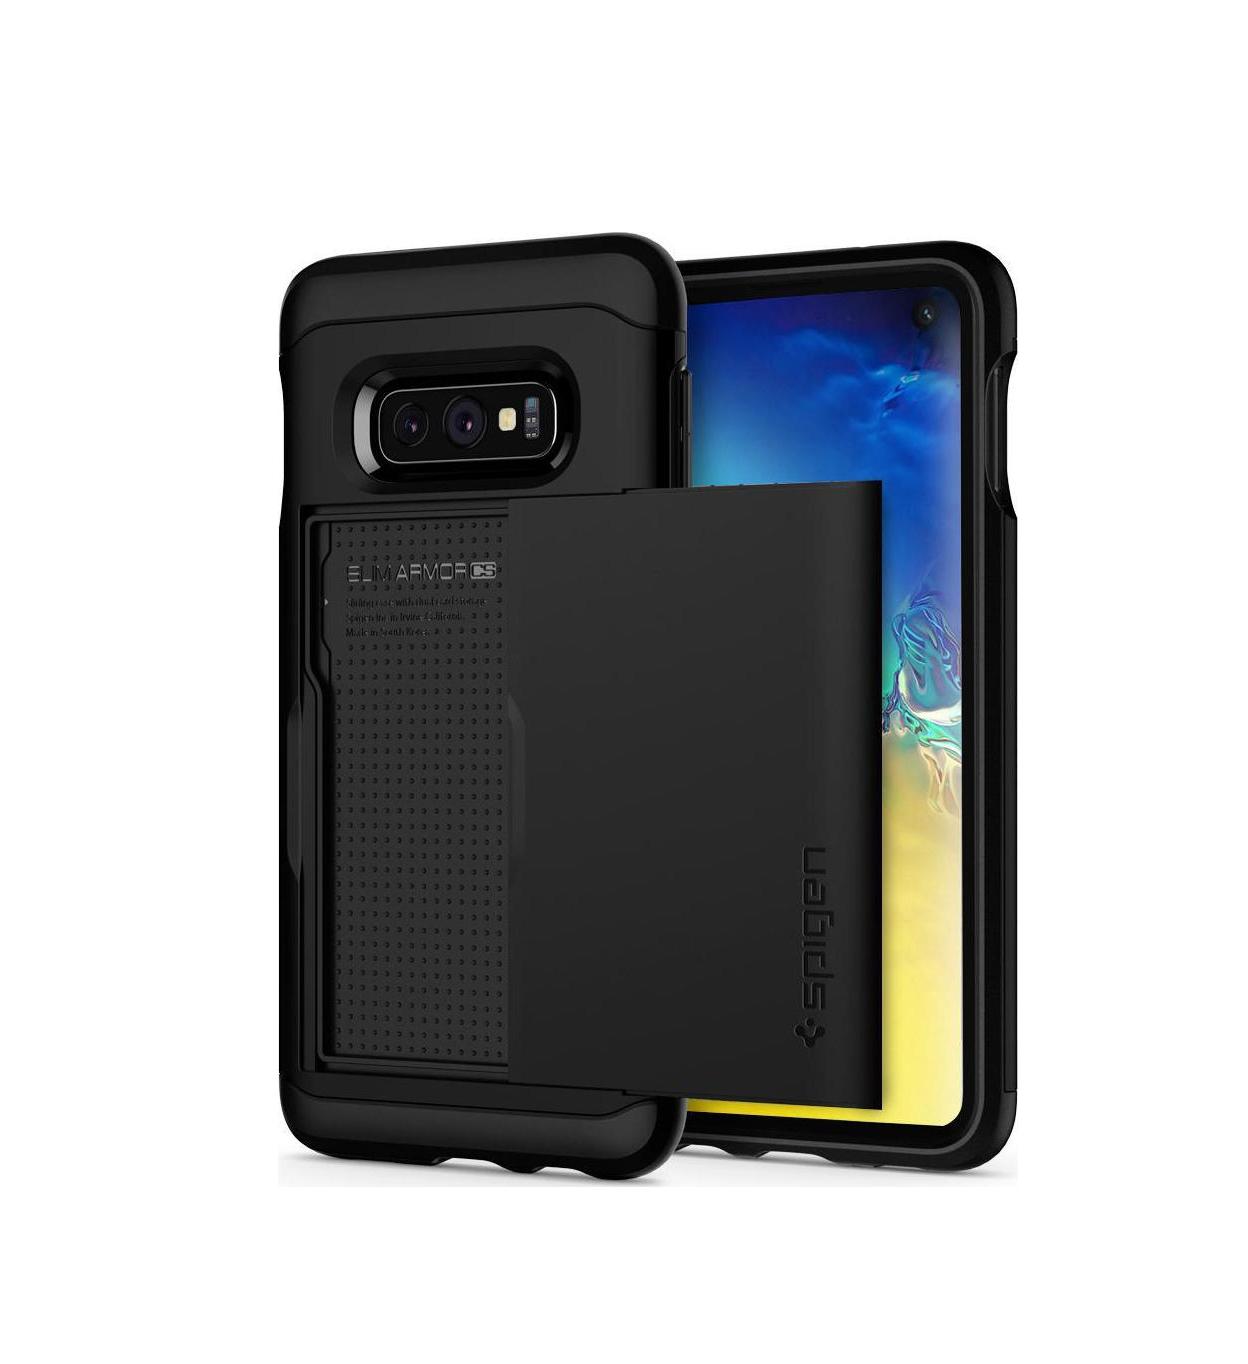 Θήκη Spigen Slim Armor CS για Samsung Galaxy S10E G970 Black